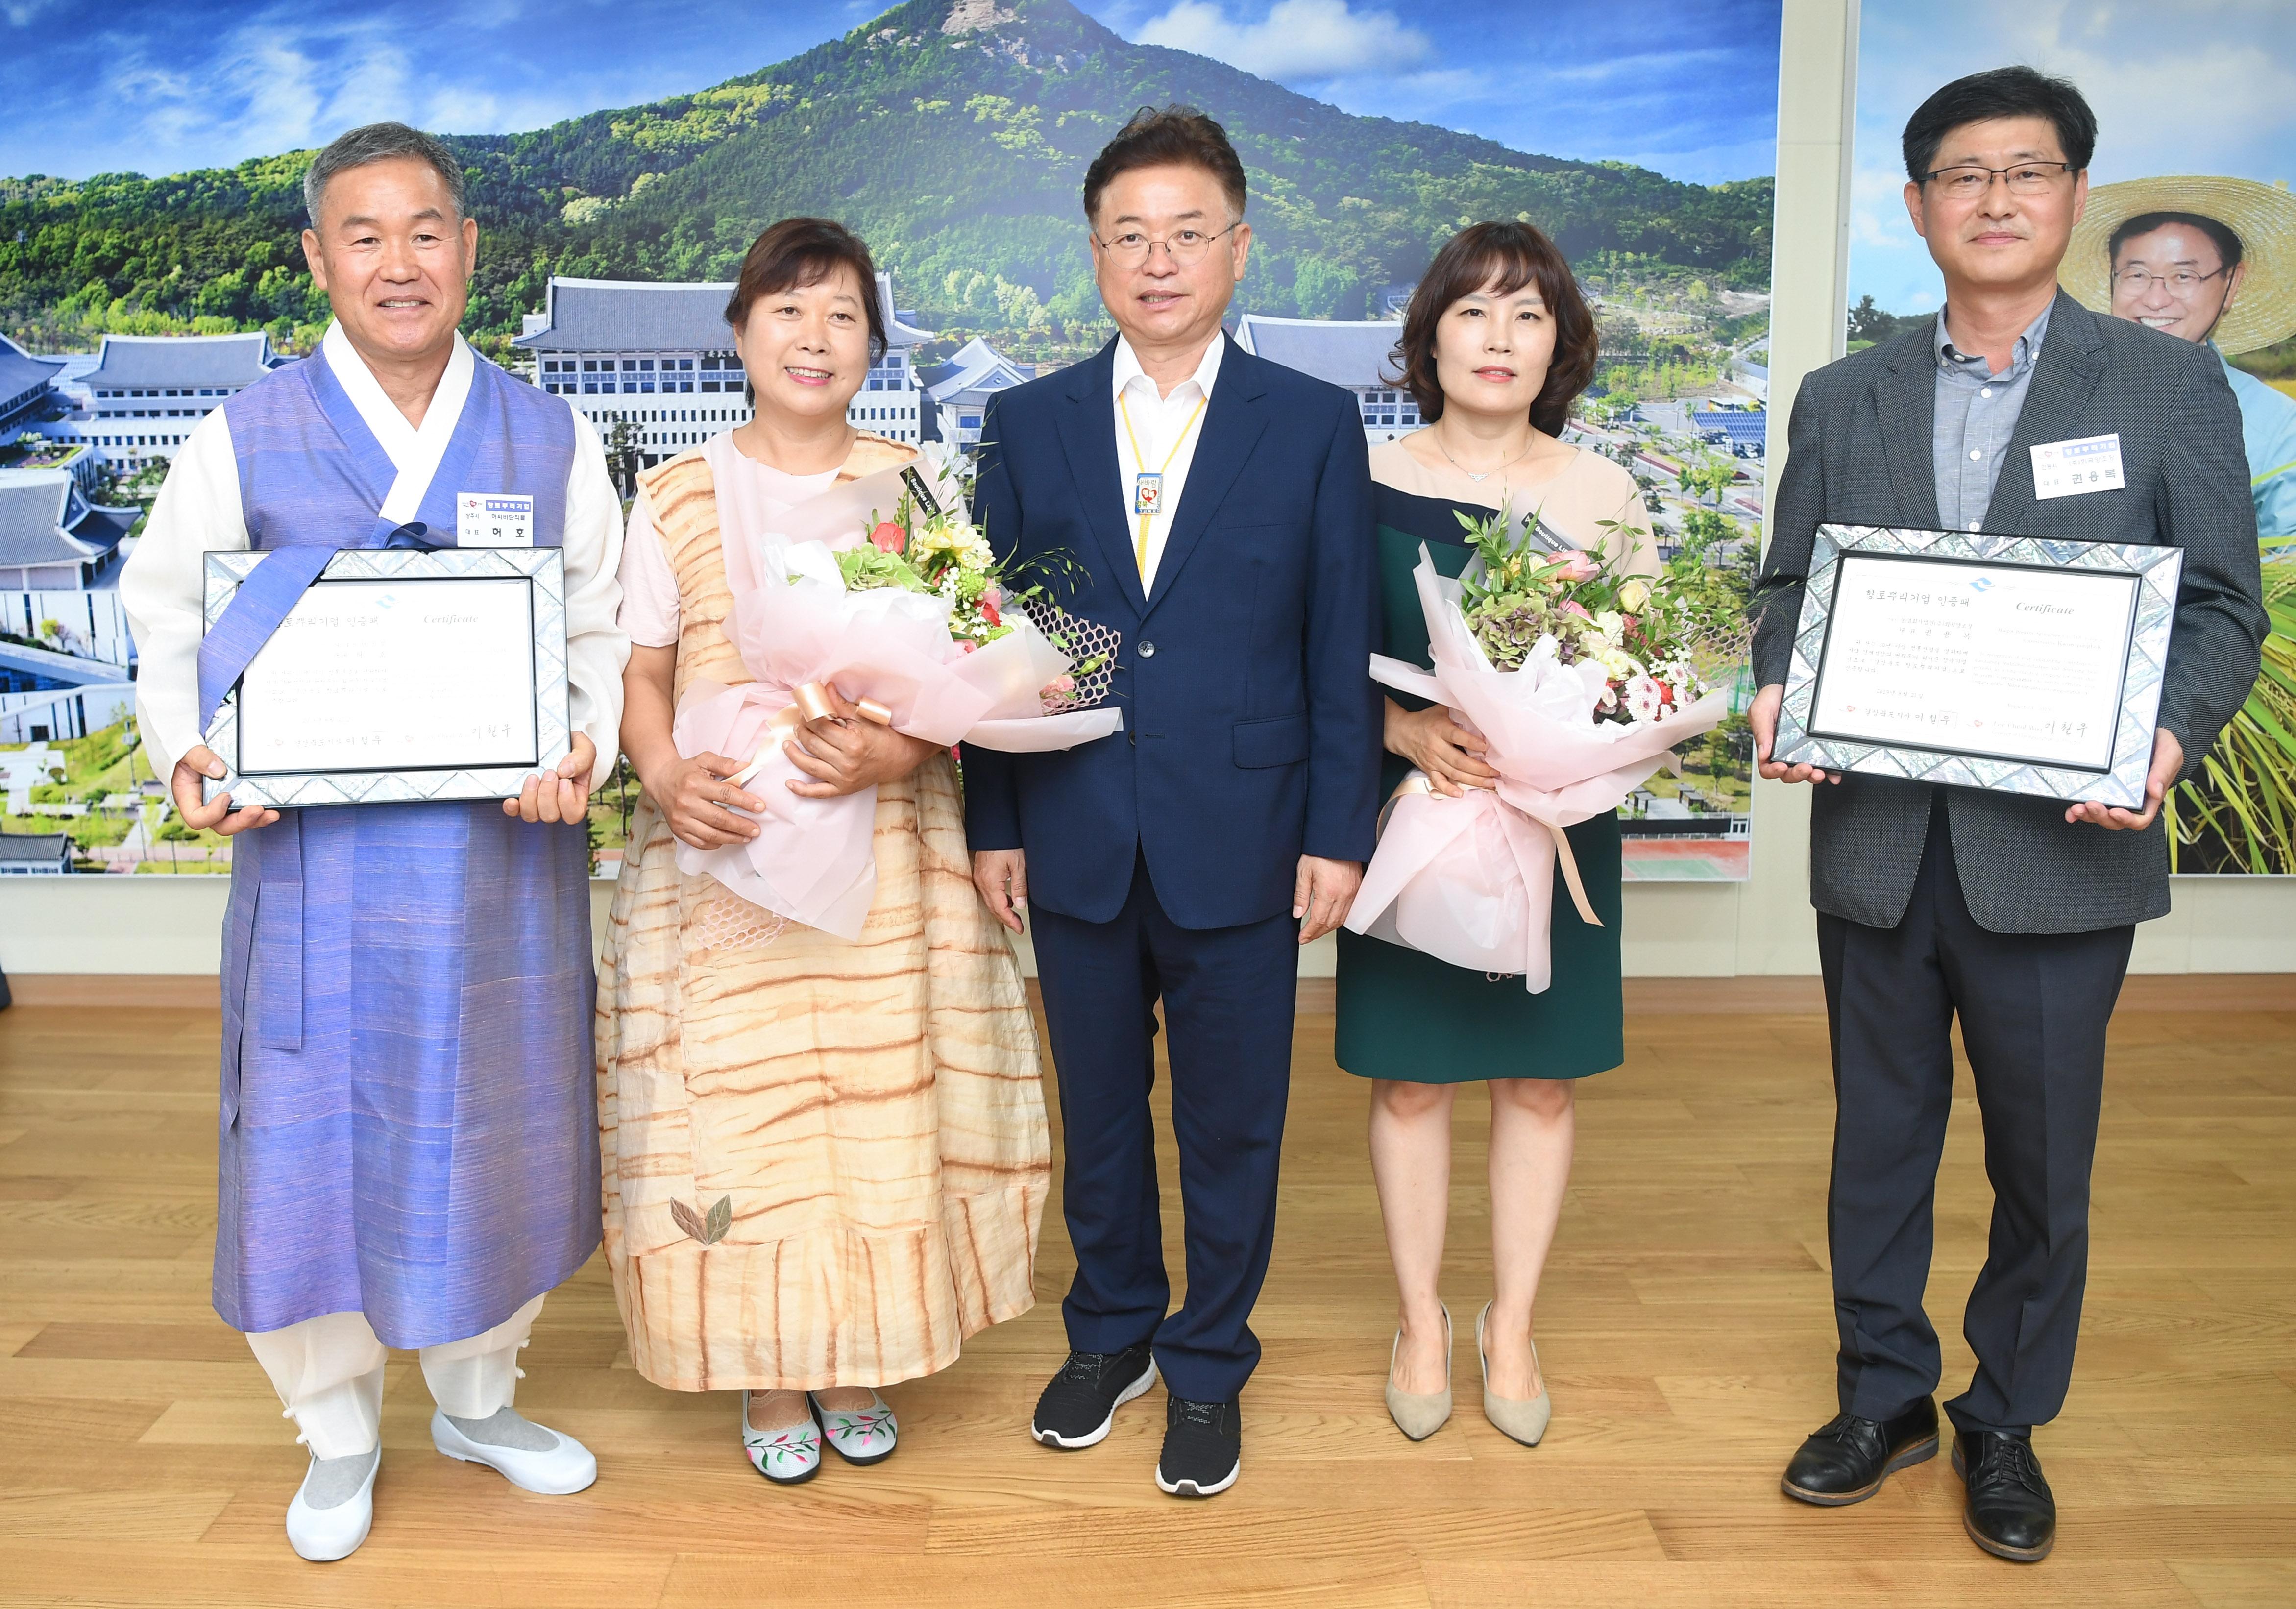 경북도, 2019 향토뿌리기업 및 산업유산 신규 지정!